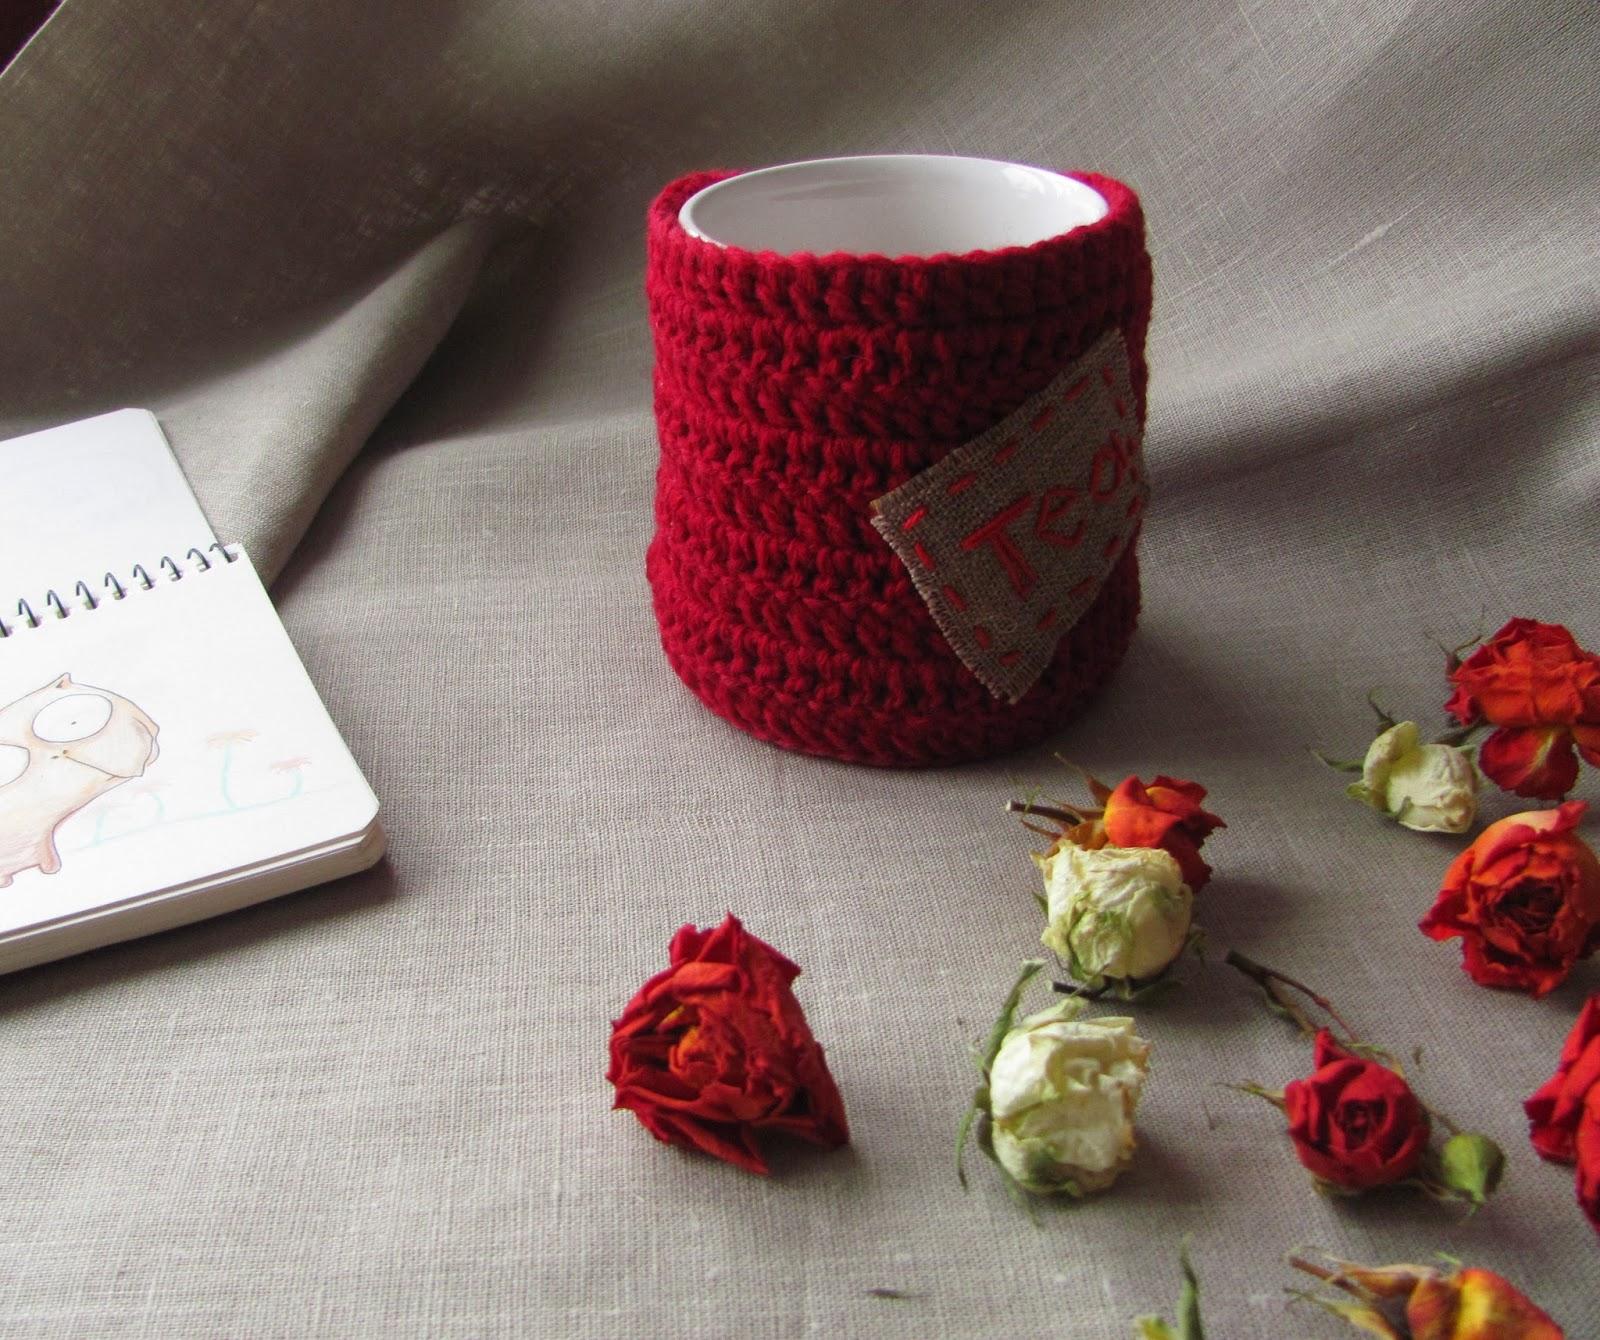 чехол для чашки, одежда для чашки, для кухни, для дома для уюта, одежда для кружек, чехол для кружки, чехлы для кружек, кружки теплушки, одежка для кружек, прикольный подарок, подарок с юмором, недорогой сувенир, настроение своими руками, грелка для чашки, тулуп для чашки